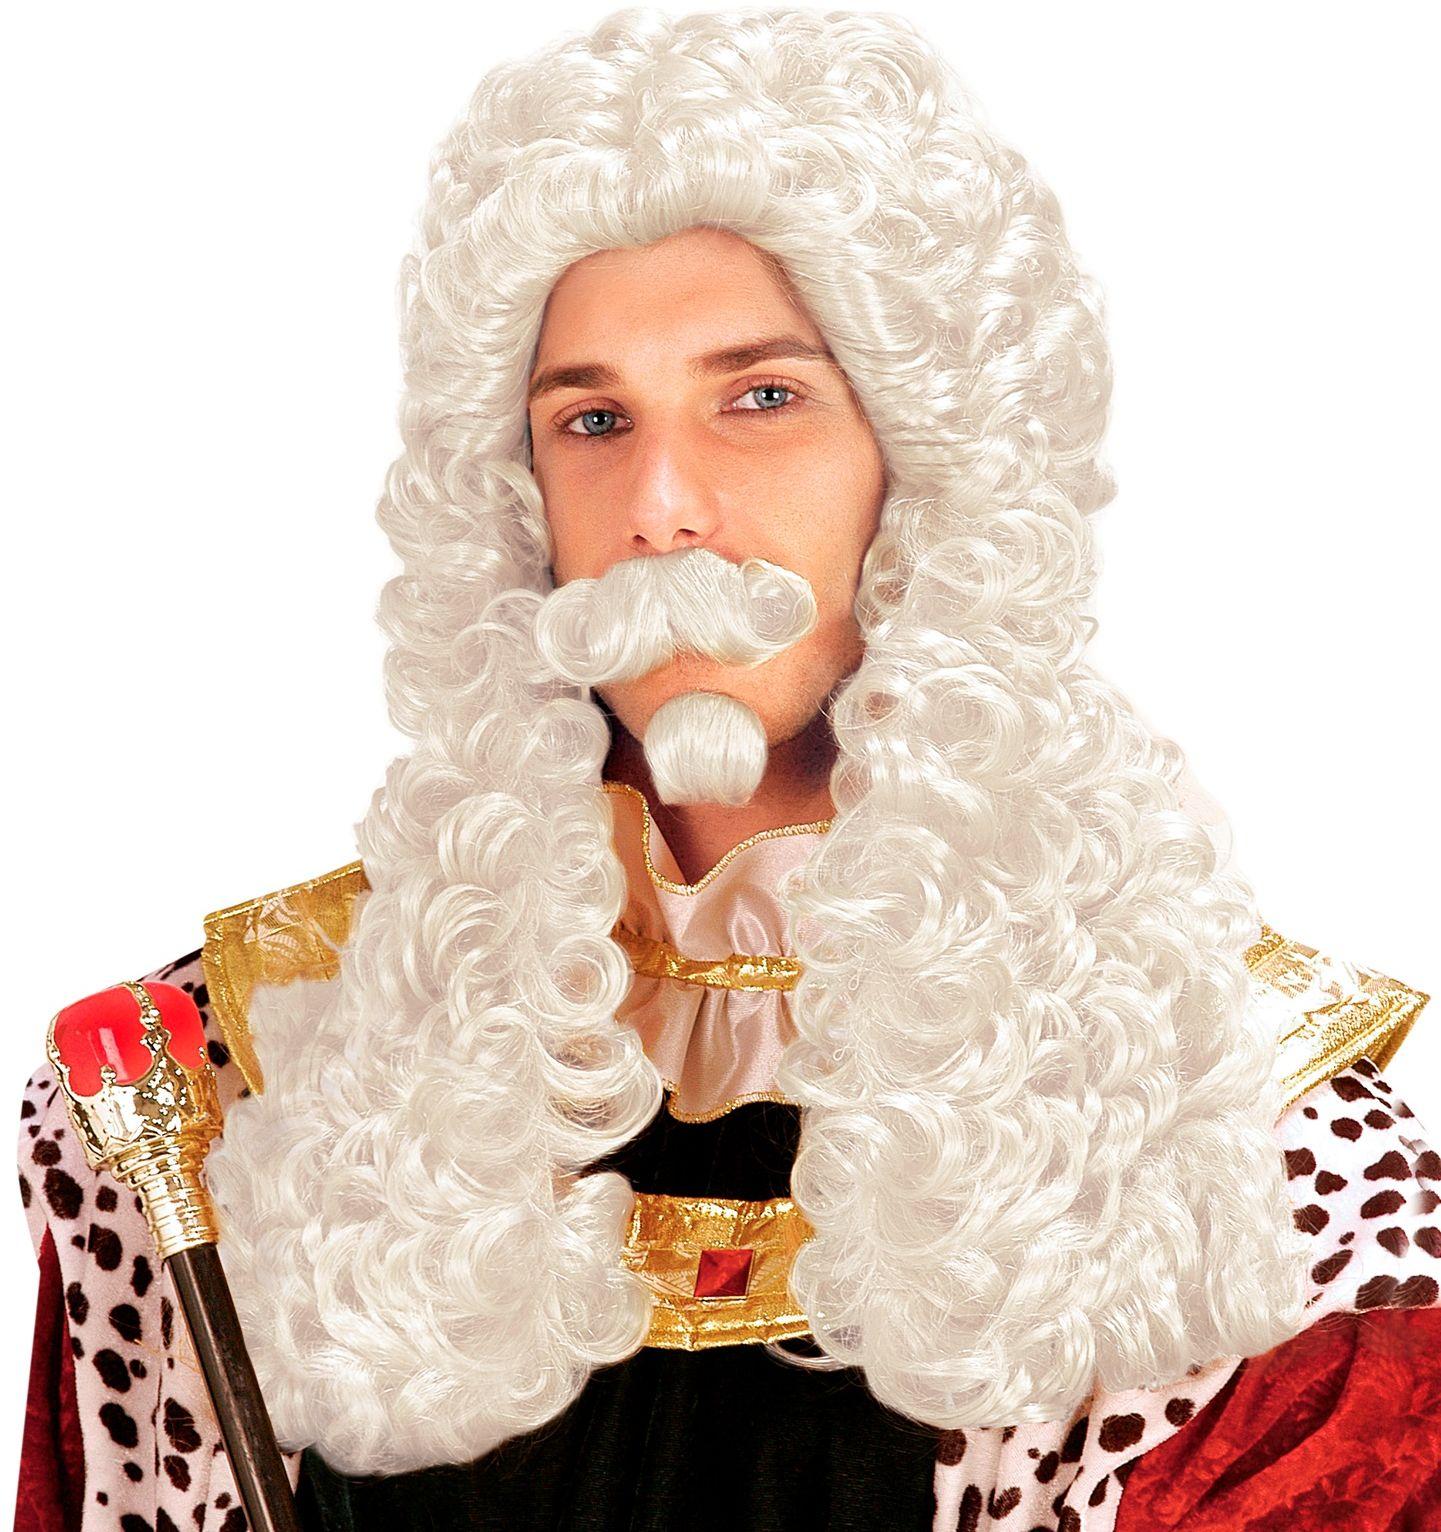 Witte francois pruik met snor en baard